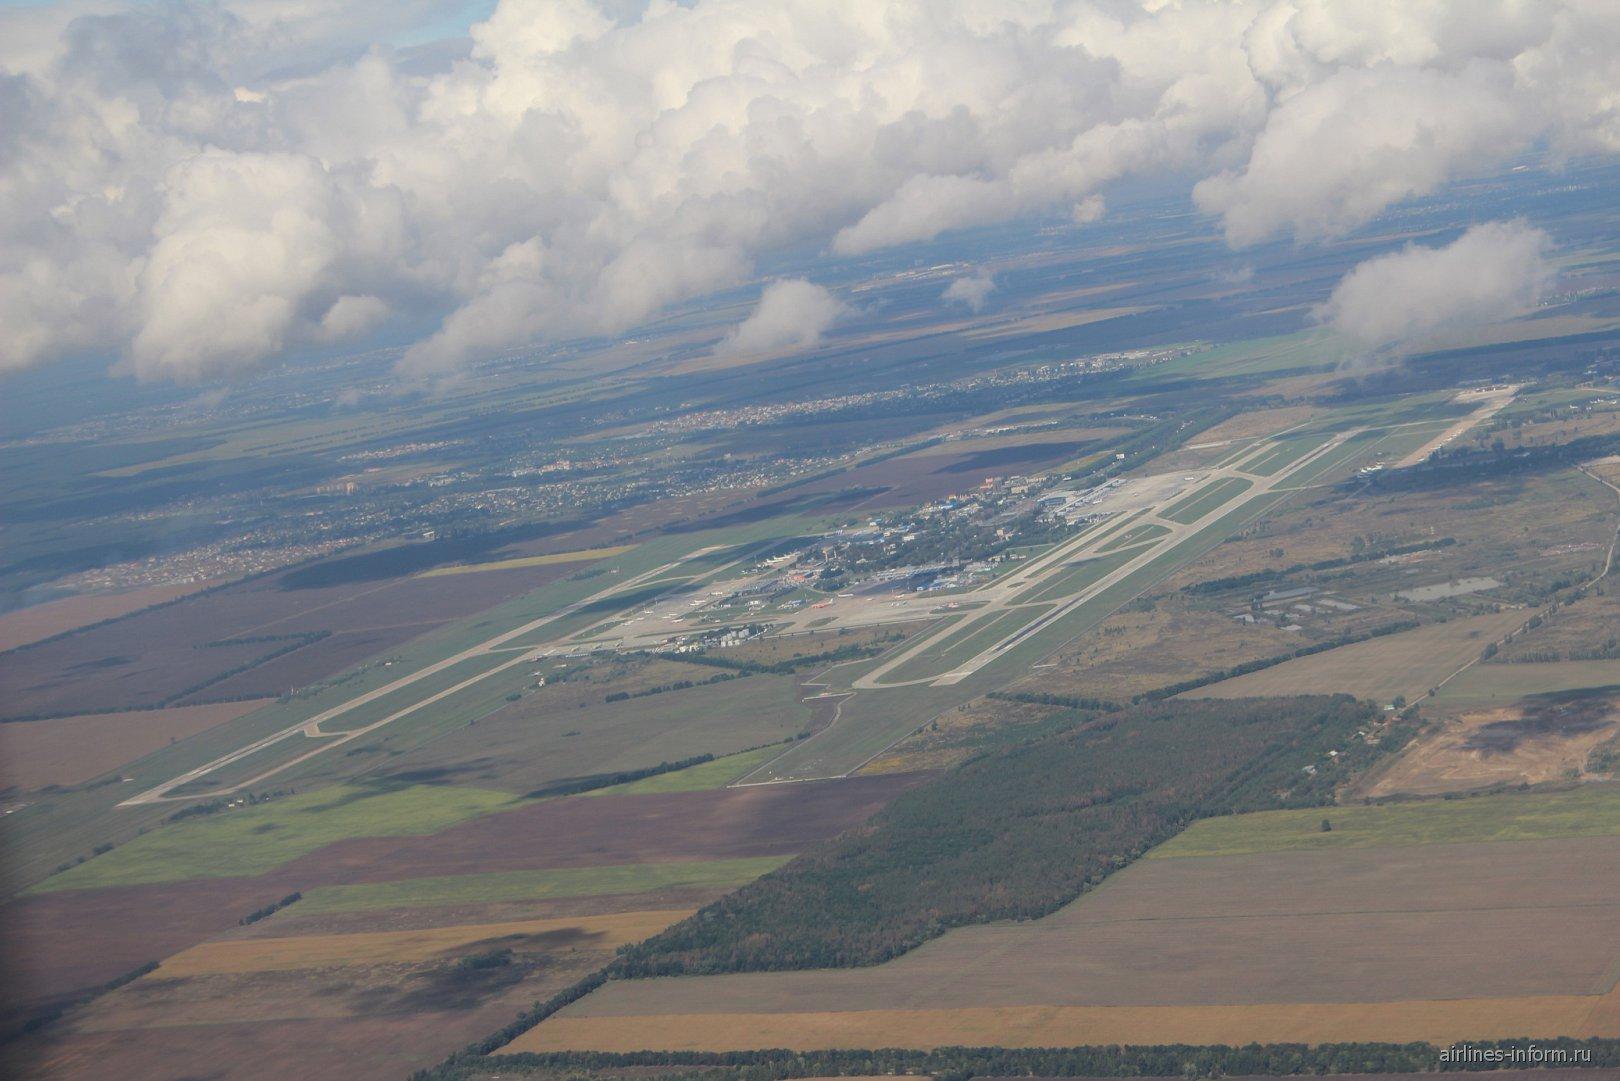 Вид на аэропорт Киев Борисполь